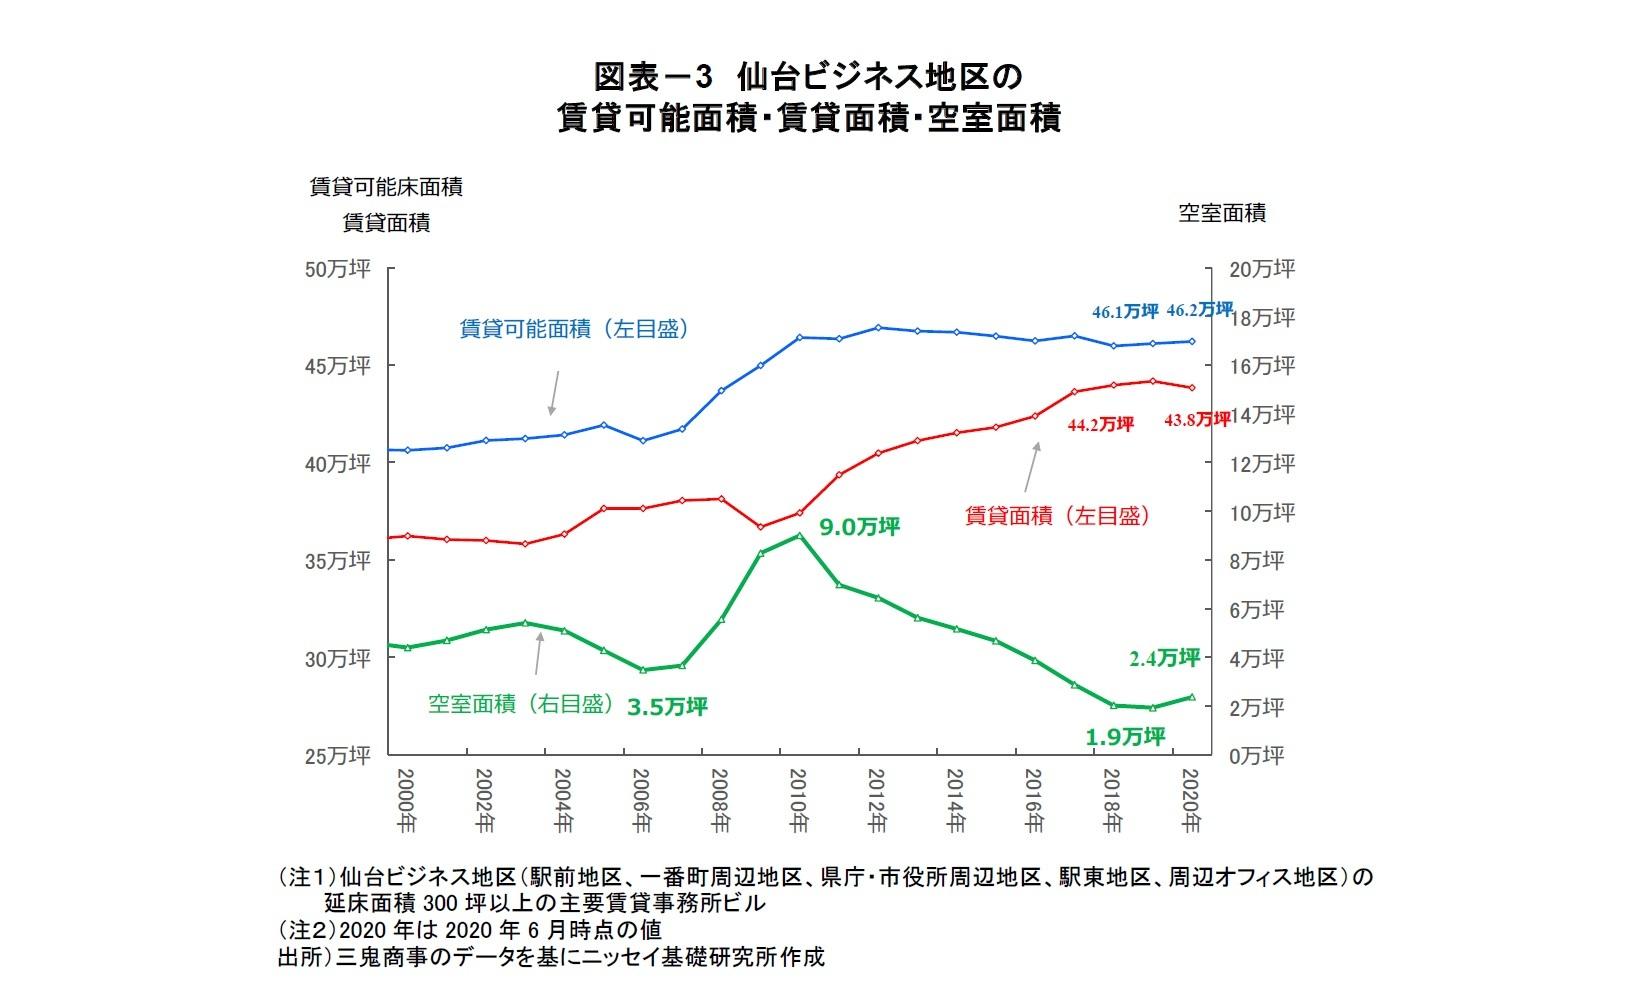 図表-3 仙台ビジネス地区の賃貸可能面積・賃貸面積・空室面積